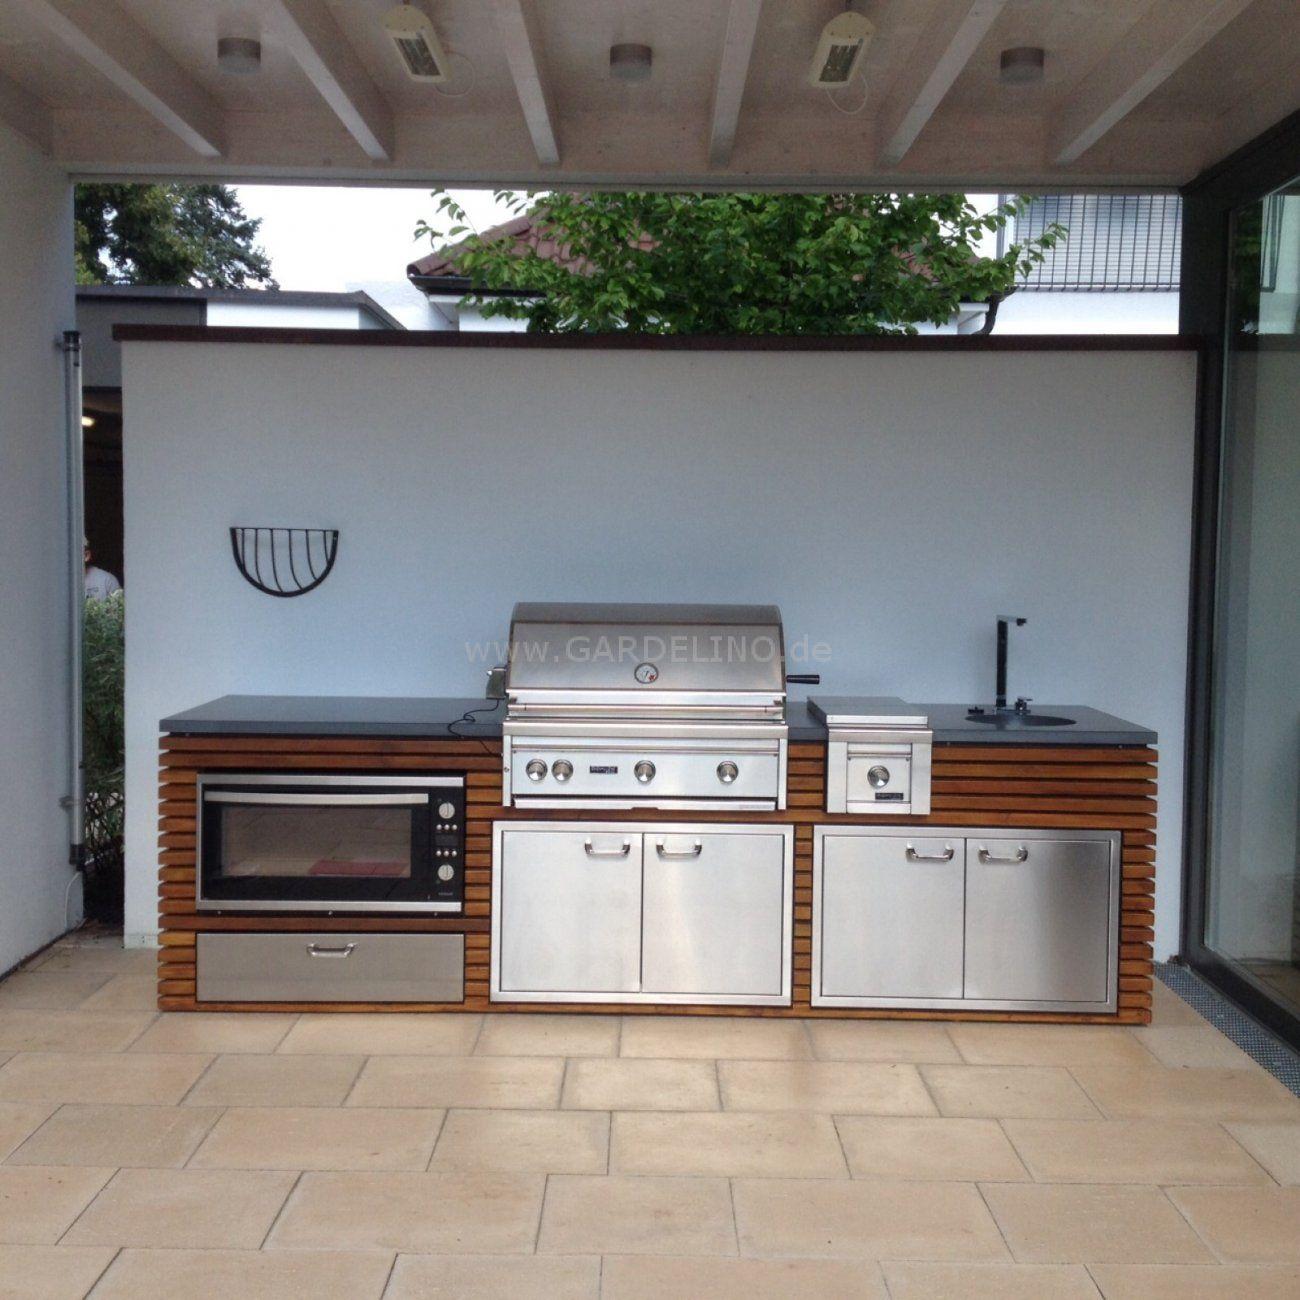 luxuriöse design außenküche aus holz mit edelstahl grill von